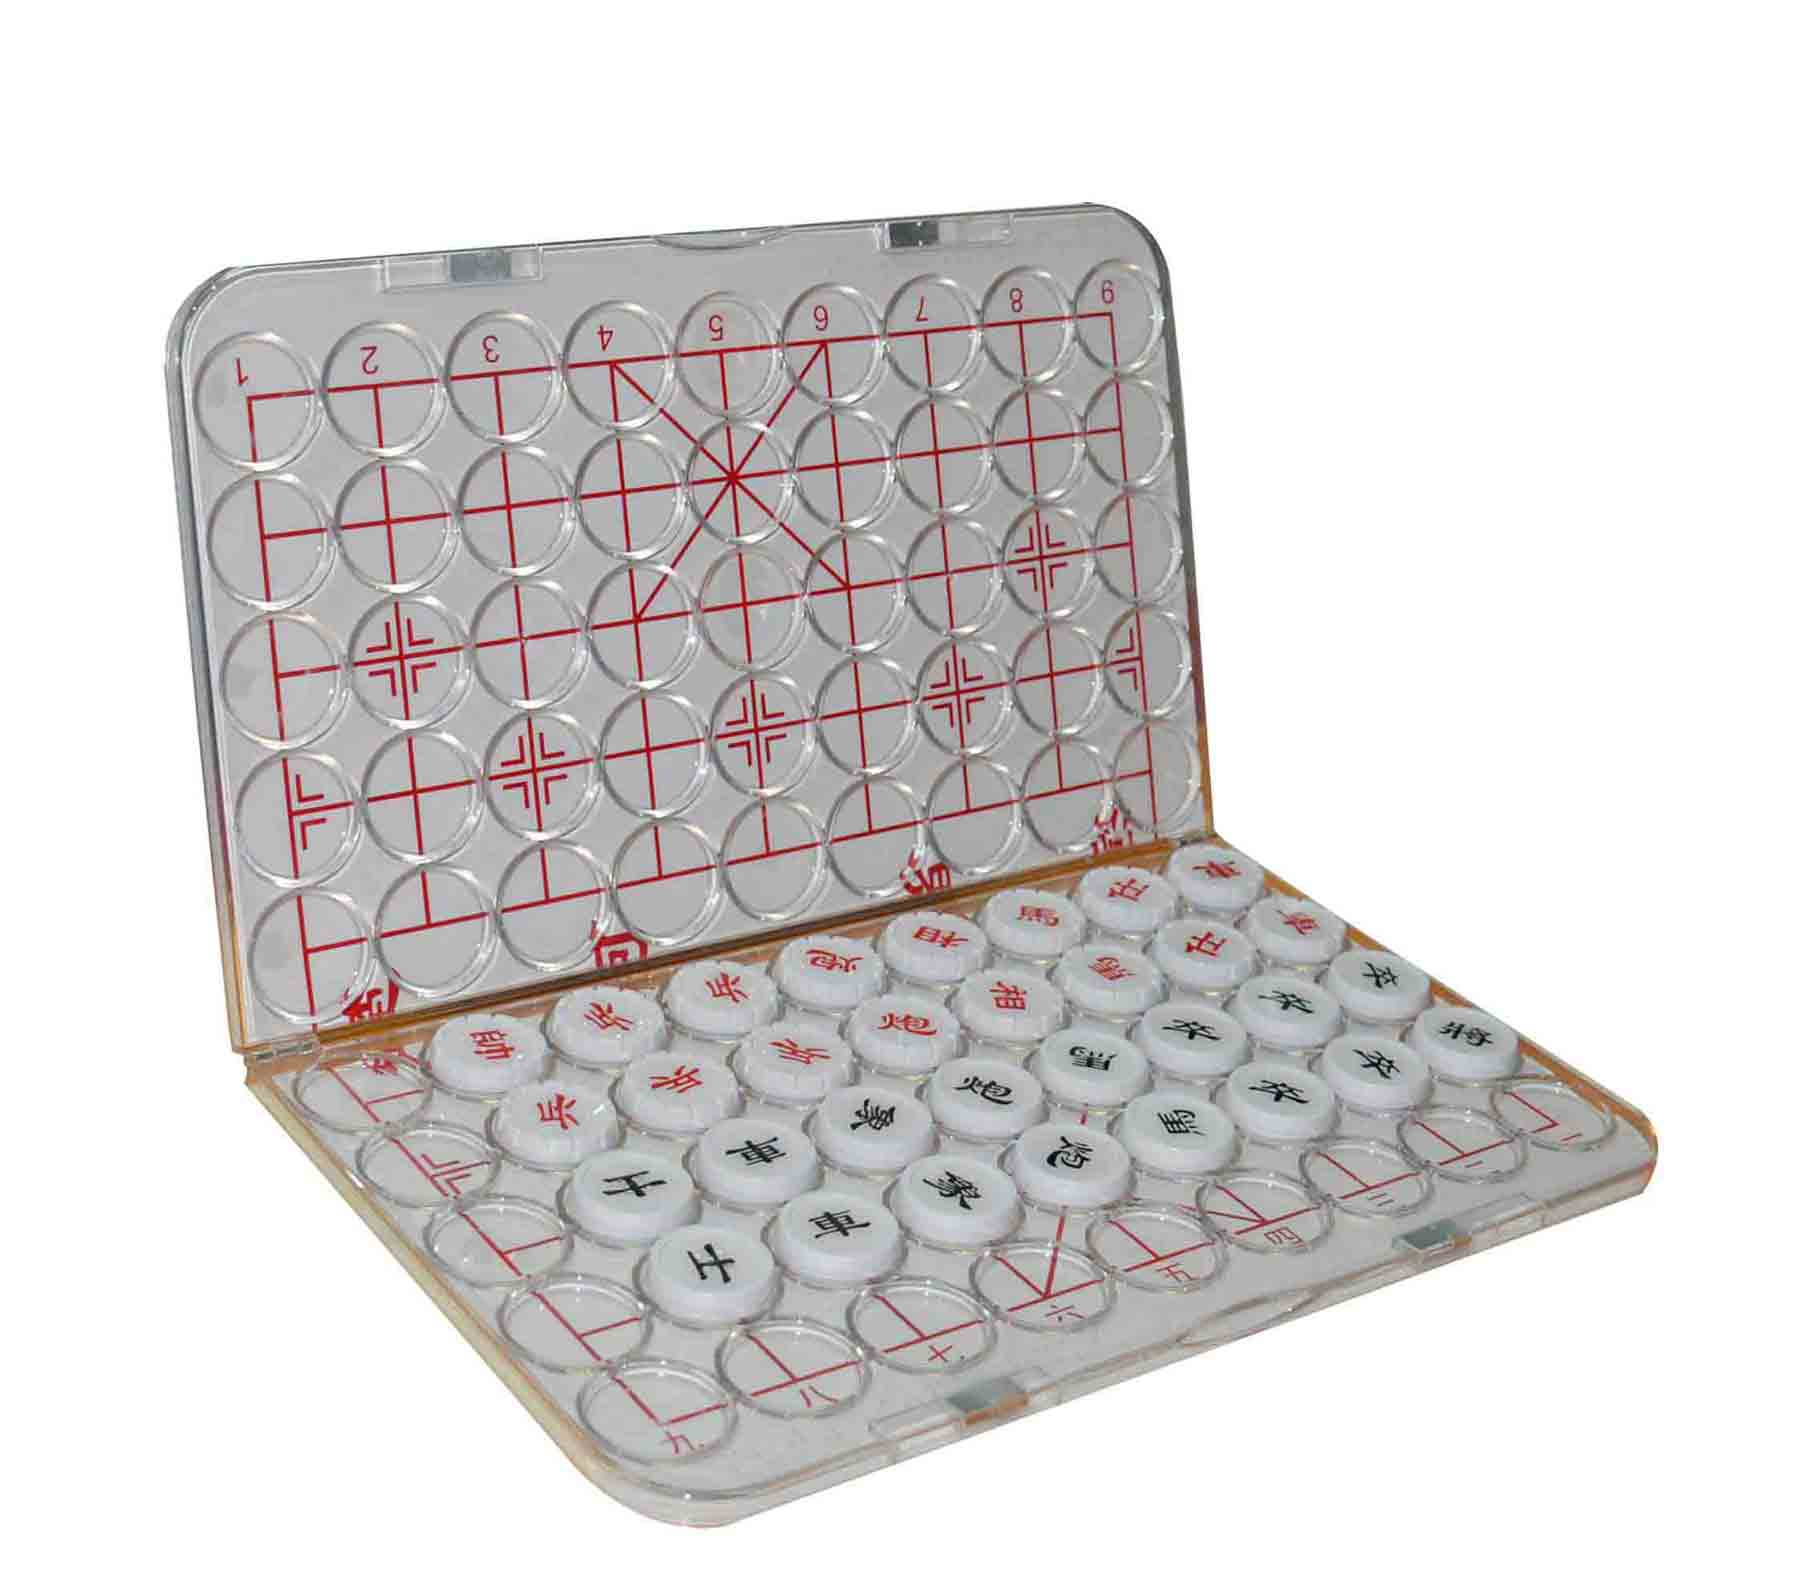 便携折叠式盲人中国象棋